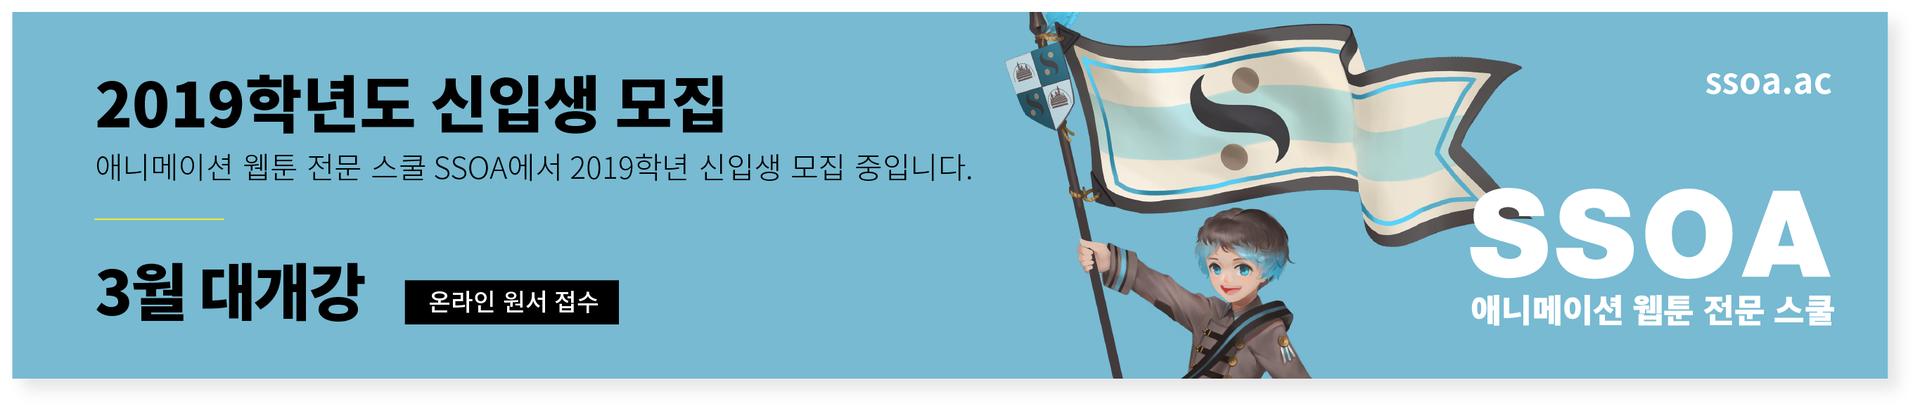 쏘아2019학년도신입생모집3월대개강